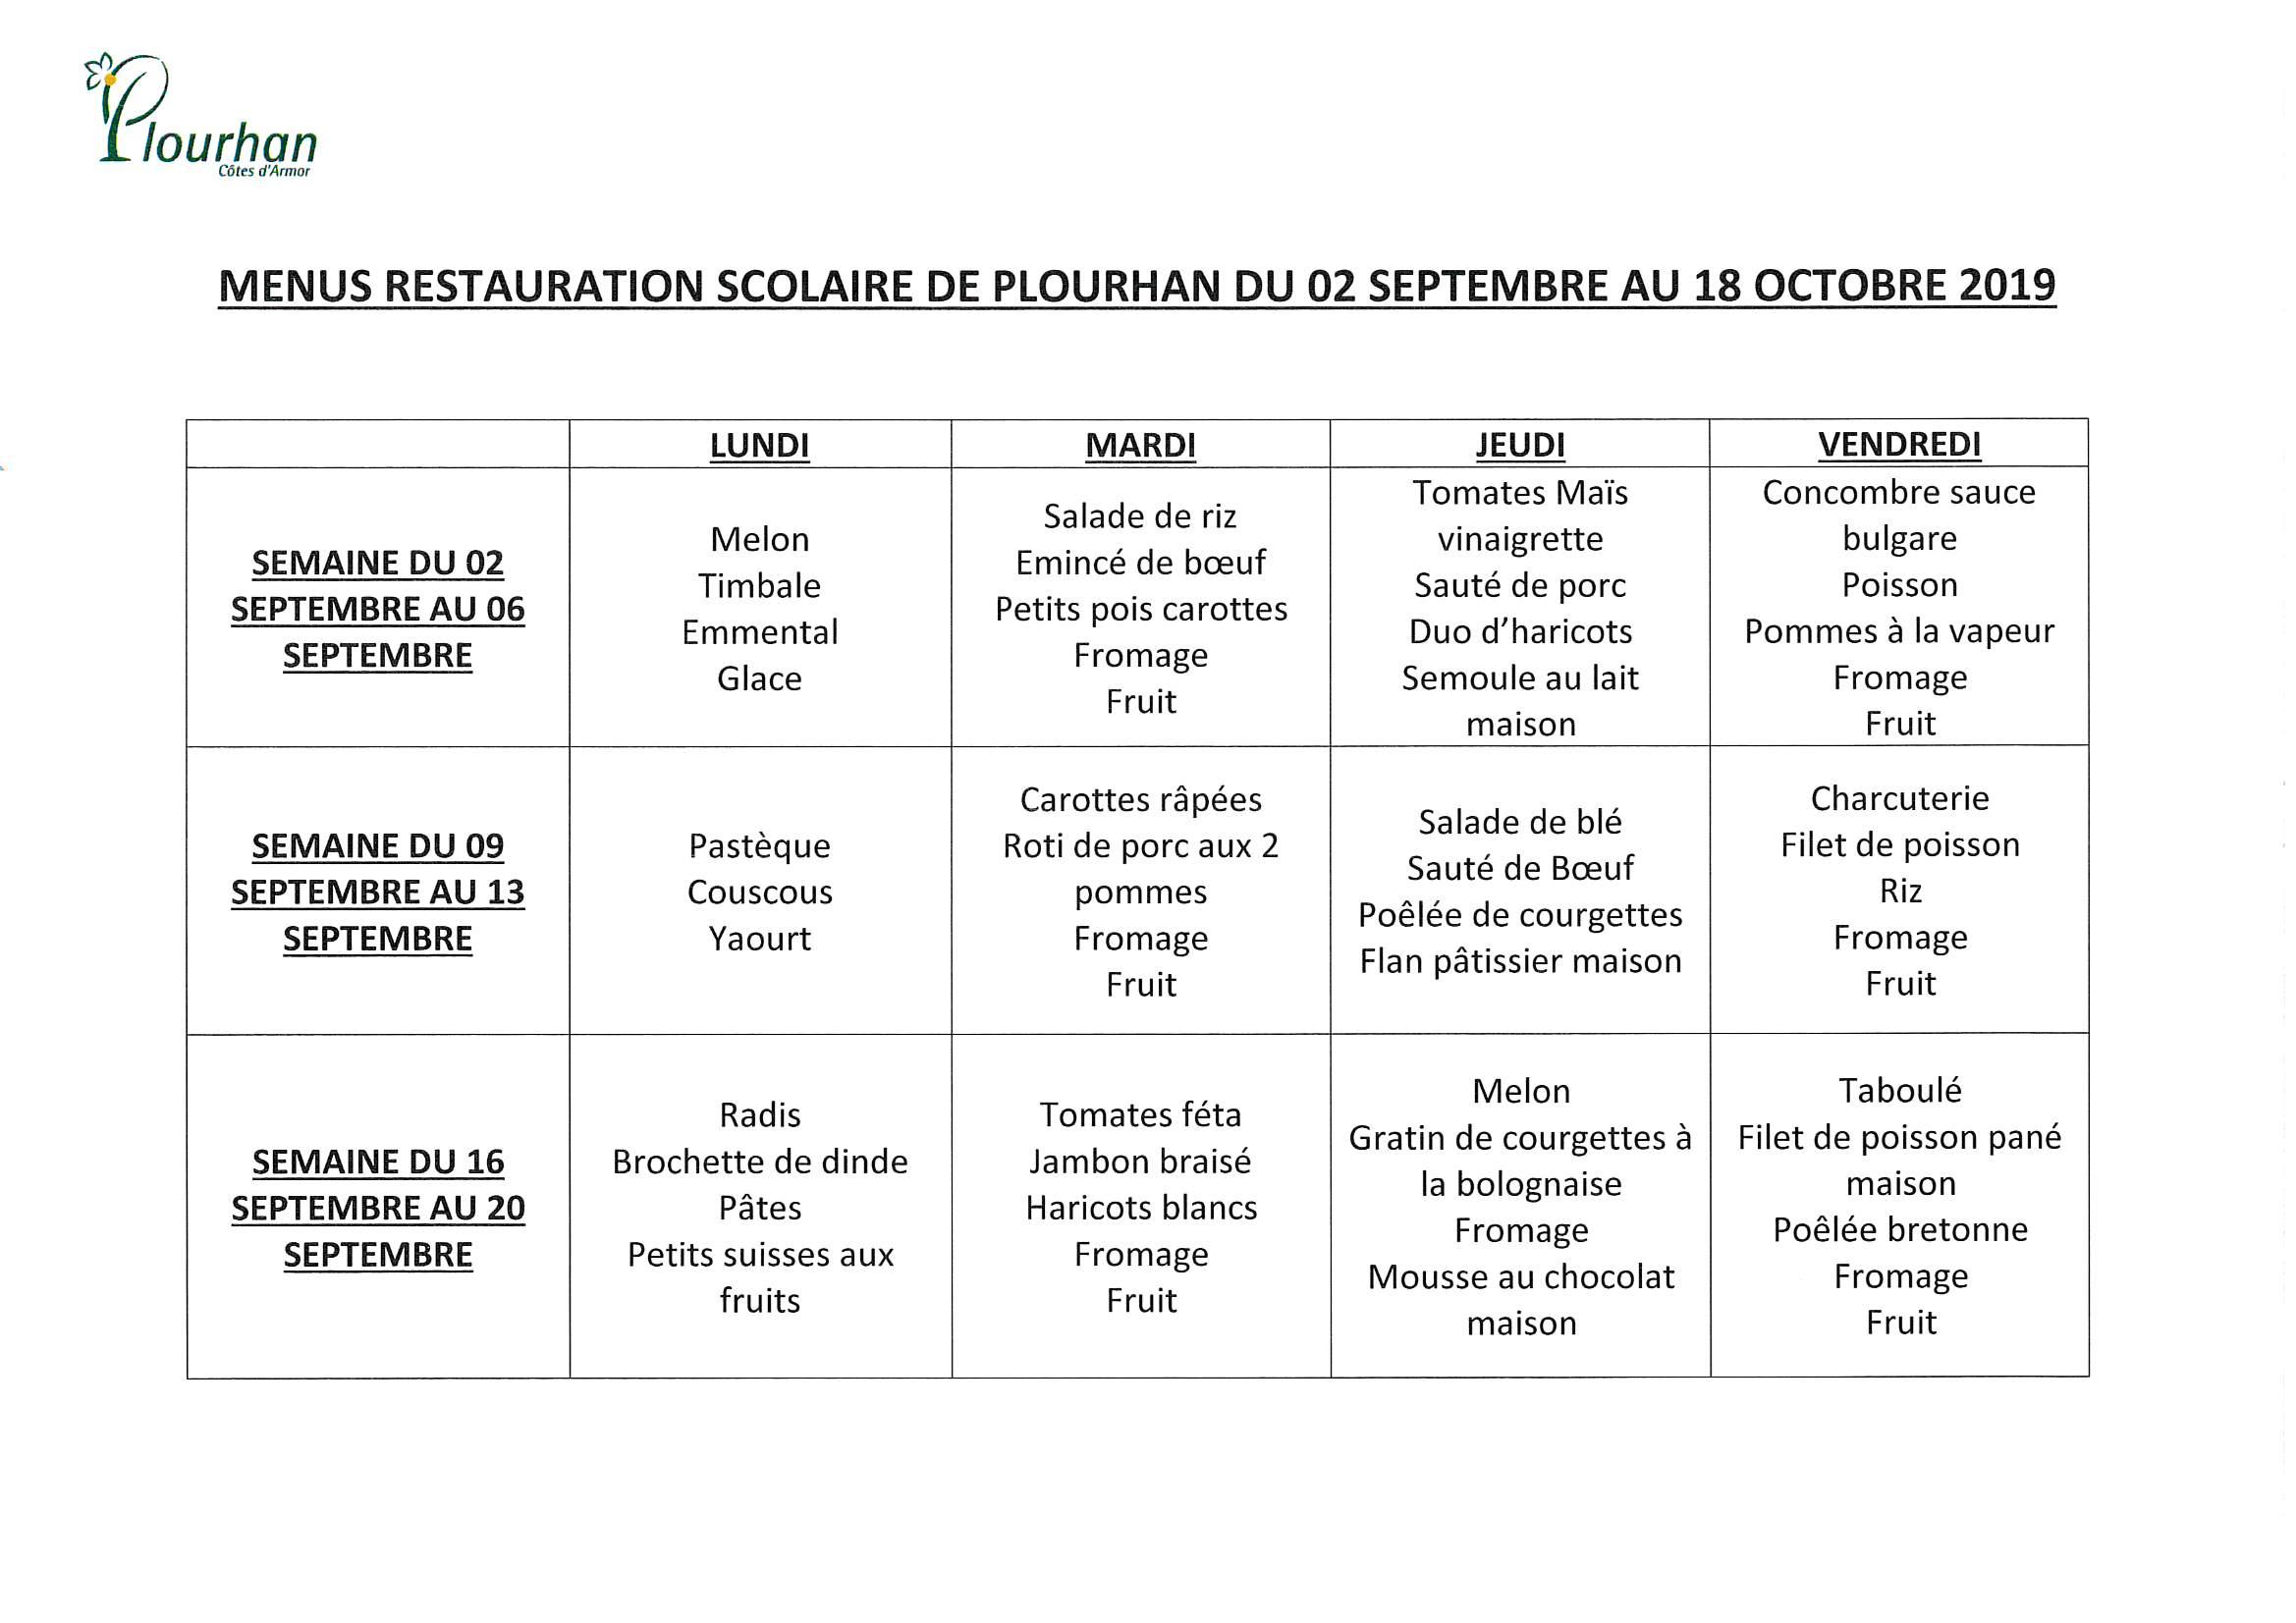 menus restauration scolaire 0209 au 18102019_Page_1